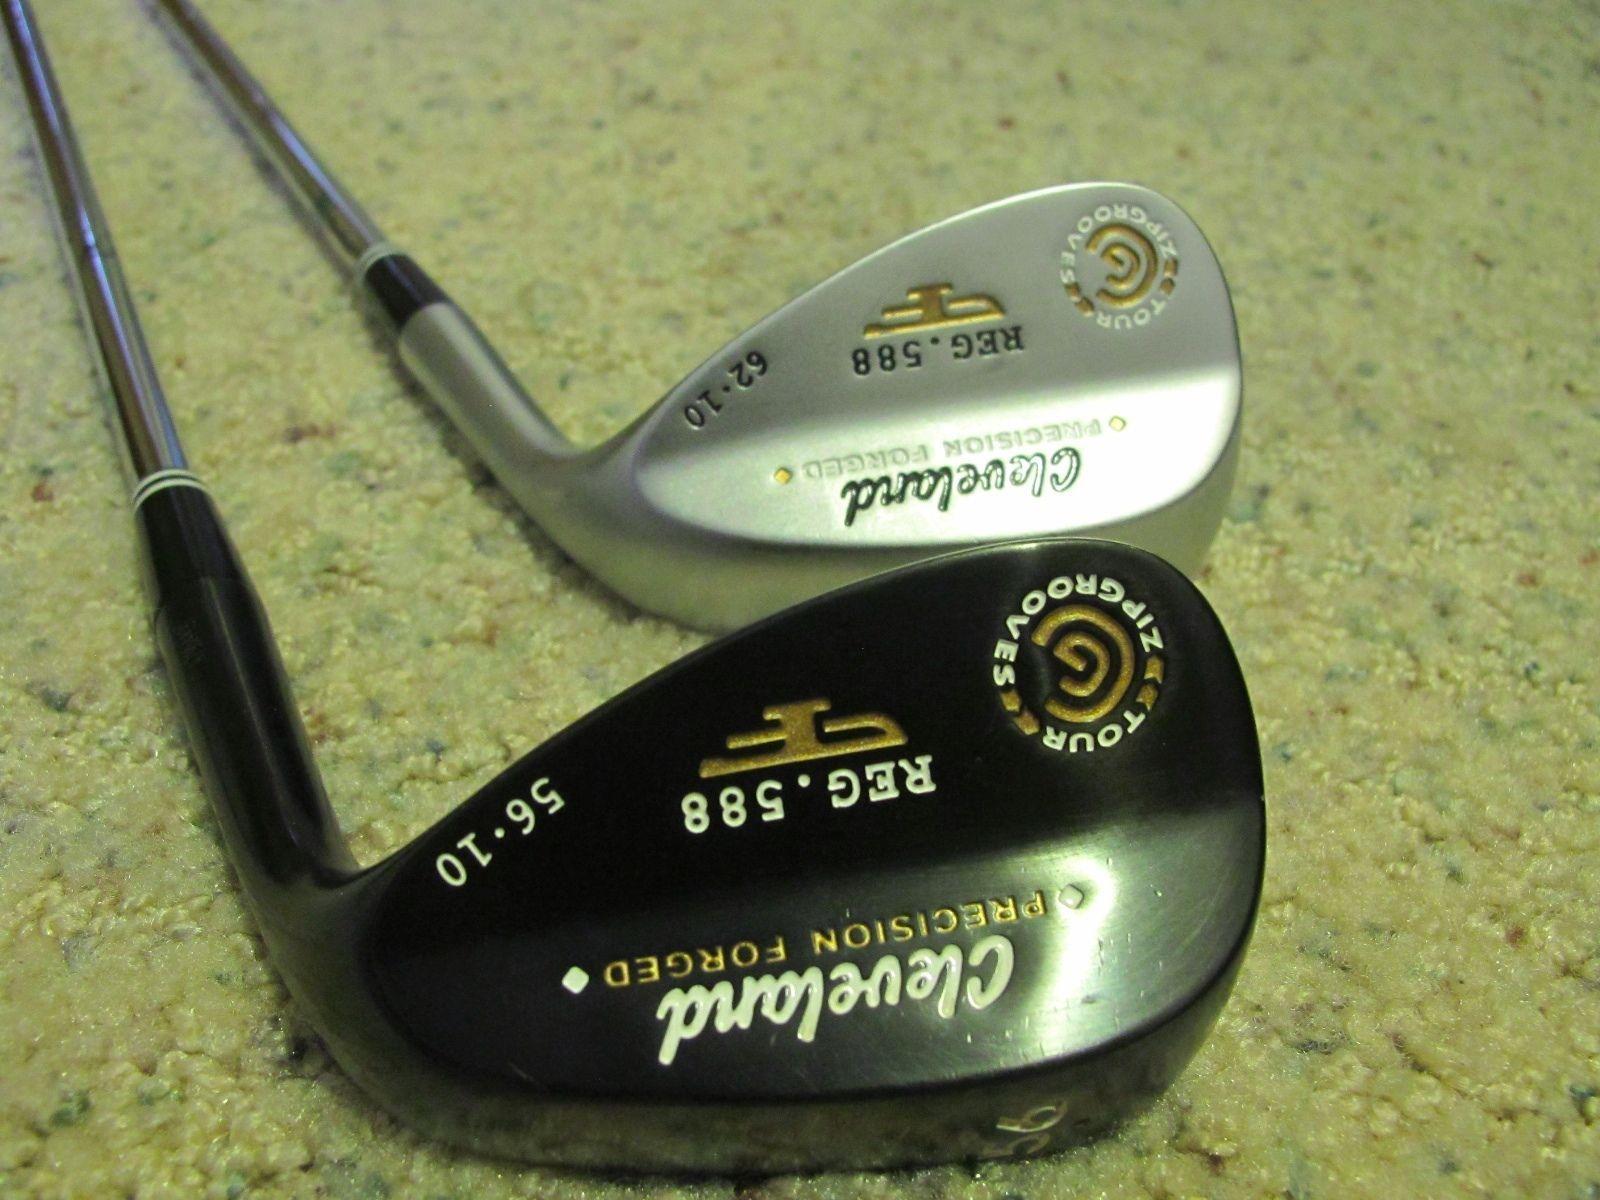 Cleveland REG. 588 Wedge Set 56* Golf clubs